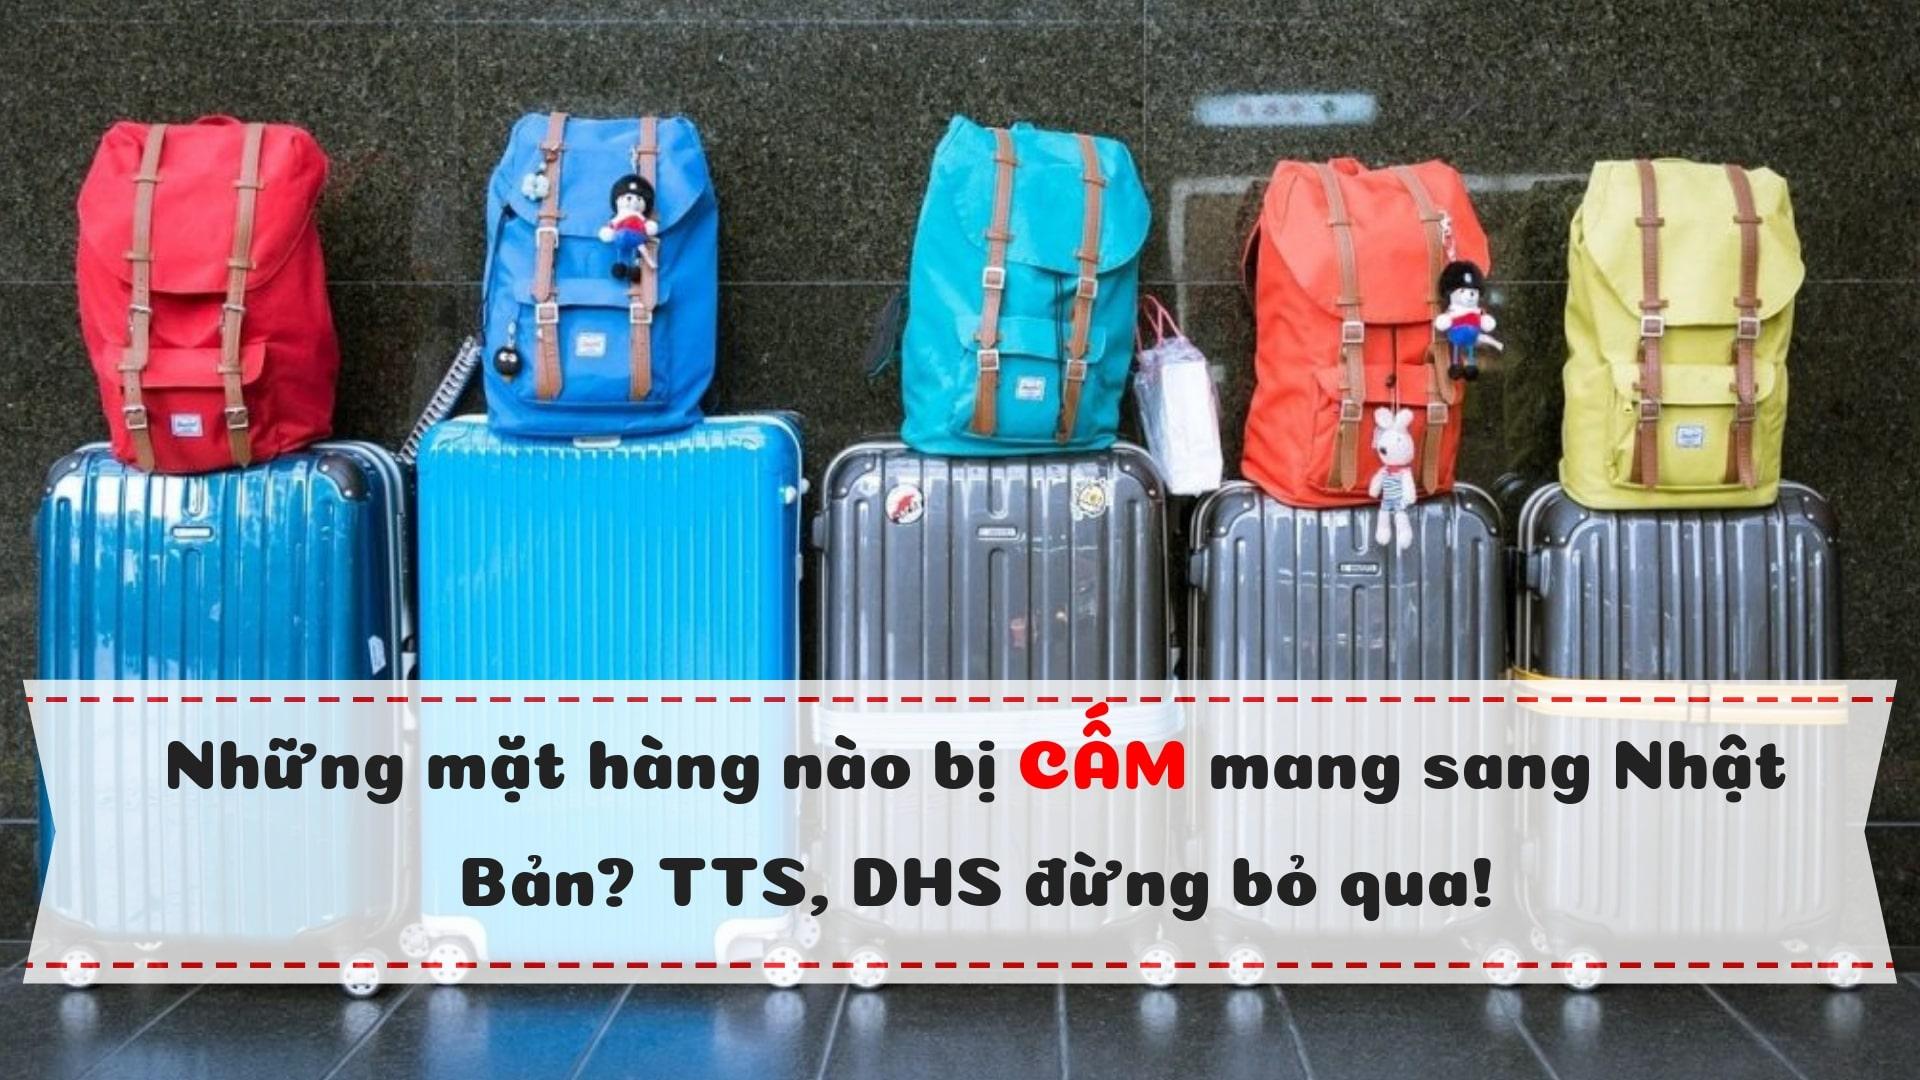 Những mặt hàng nào bị cấm mang sang Nhật Bản? TTS, DHS đừng bỏ qua!